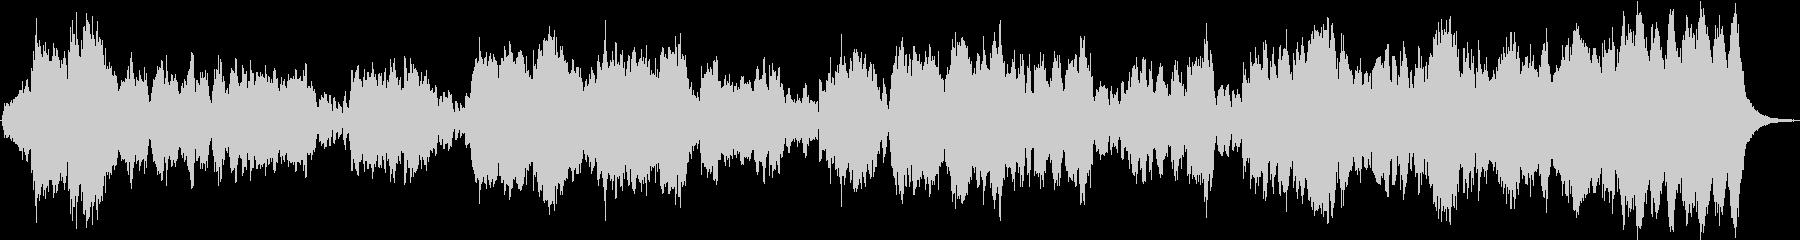 【オーケストラ】サファリパークのテーマの未再生の波形